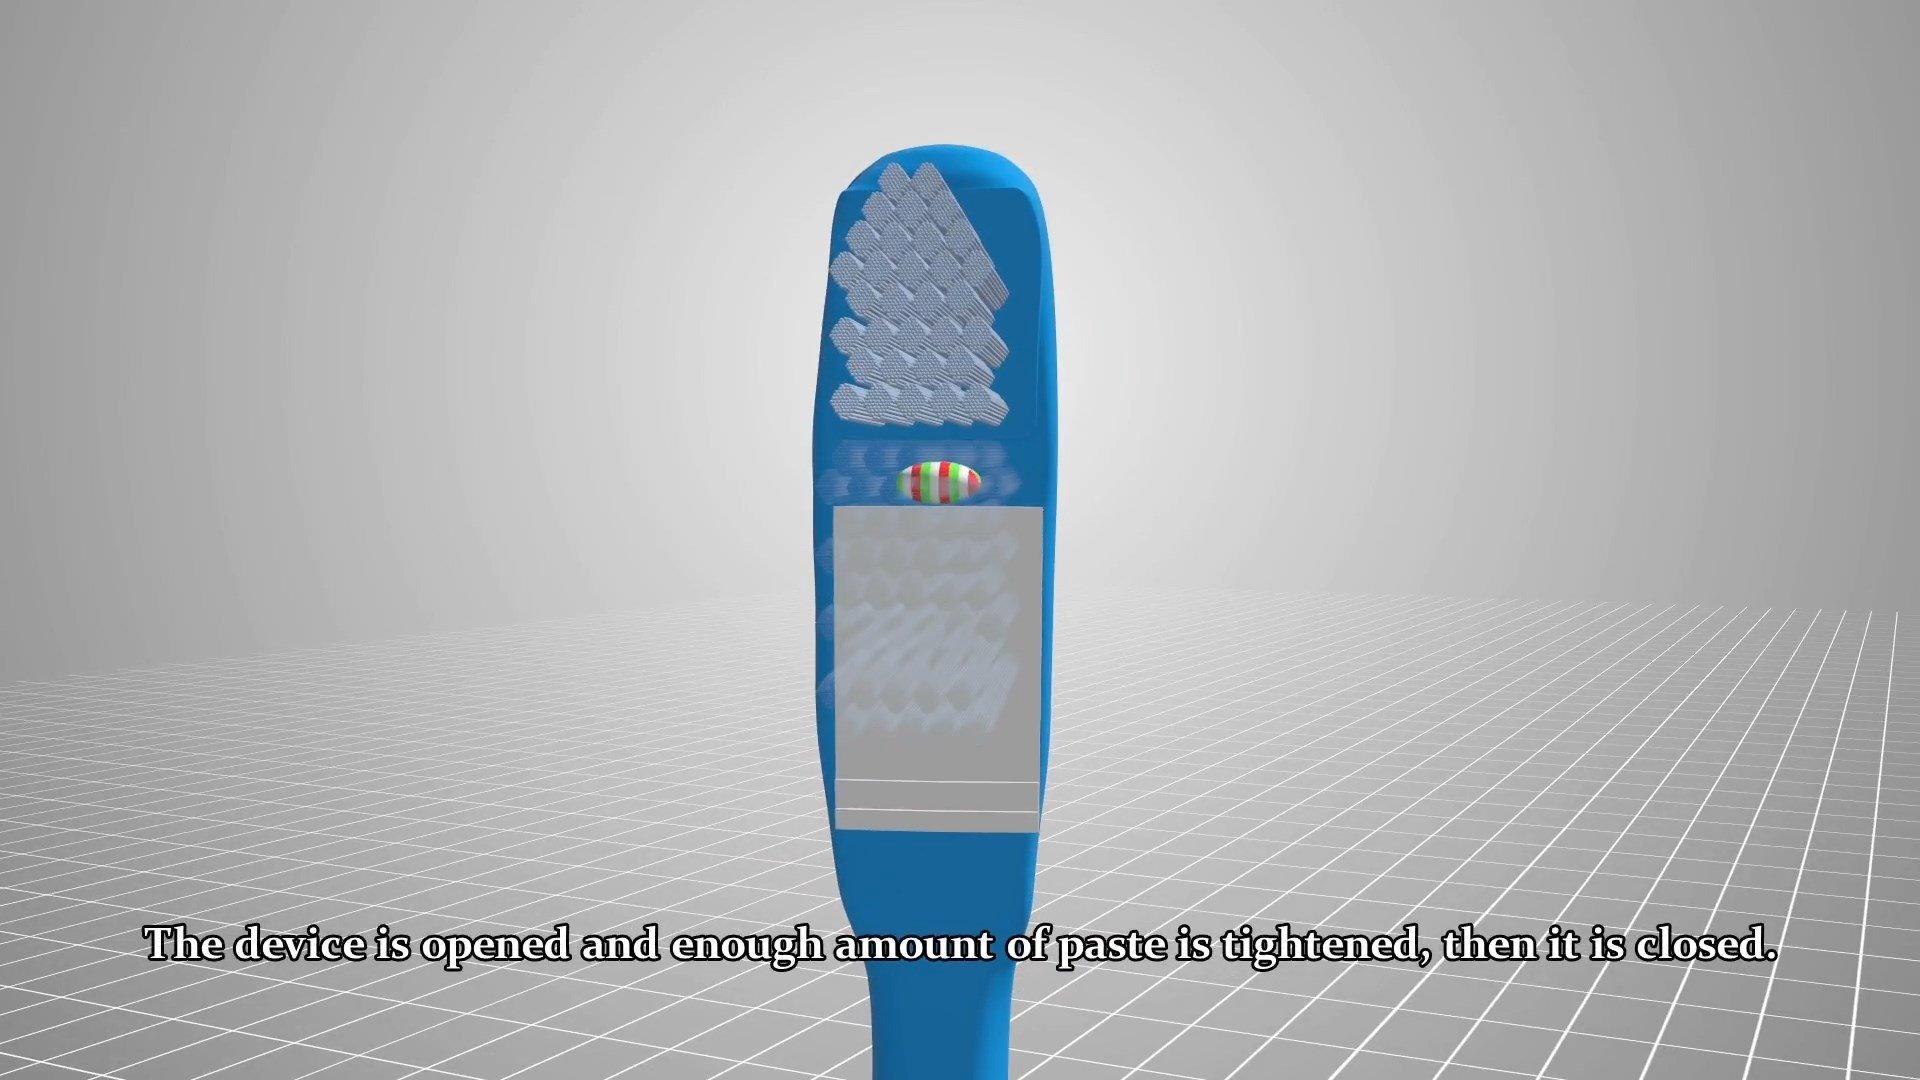 Kendinden Macunlu Diş Fırçası 3D Animasyon Filmi 3 1920x1080 - Kendinden Macunlu Diş Fırçası 3D Animasyon Filmi